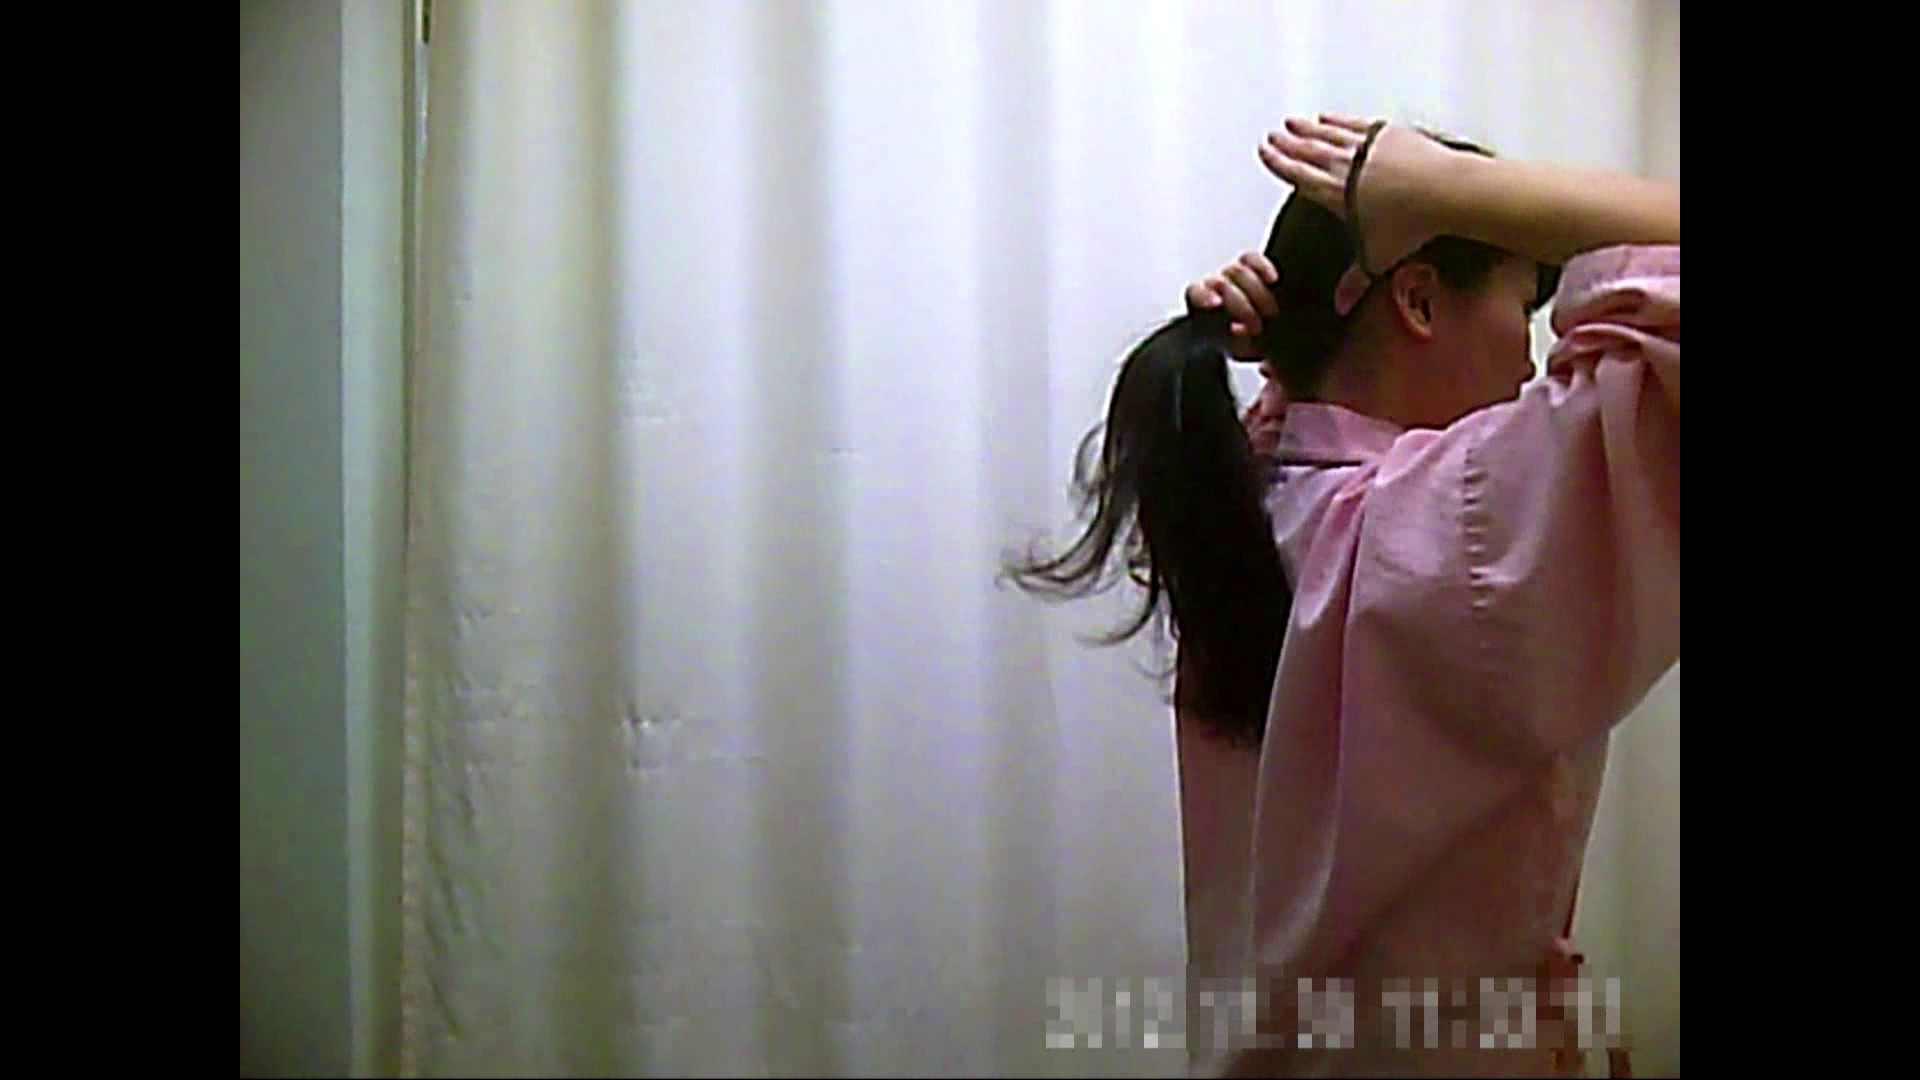 病院おもいっきり着替え! vol.165 着替え 盗撮オメコ無修正動画無料 81pic 41